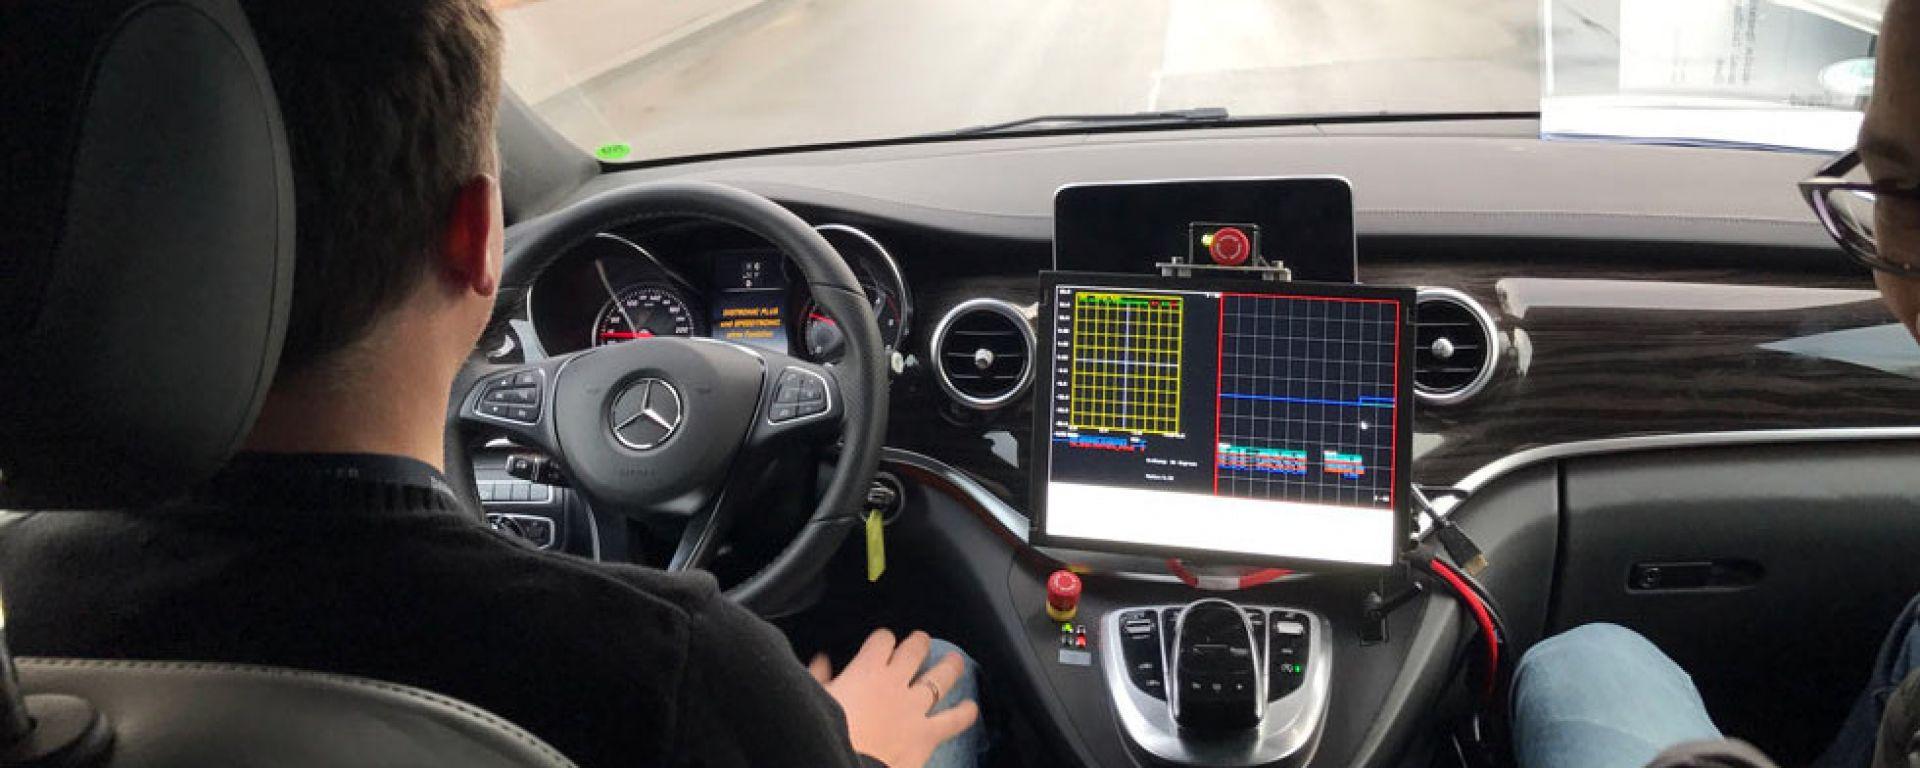 Guida autonoma e aerei precipitati: parla il CEO Mercedes